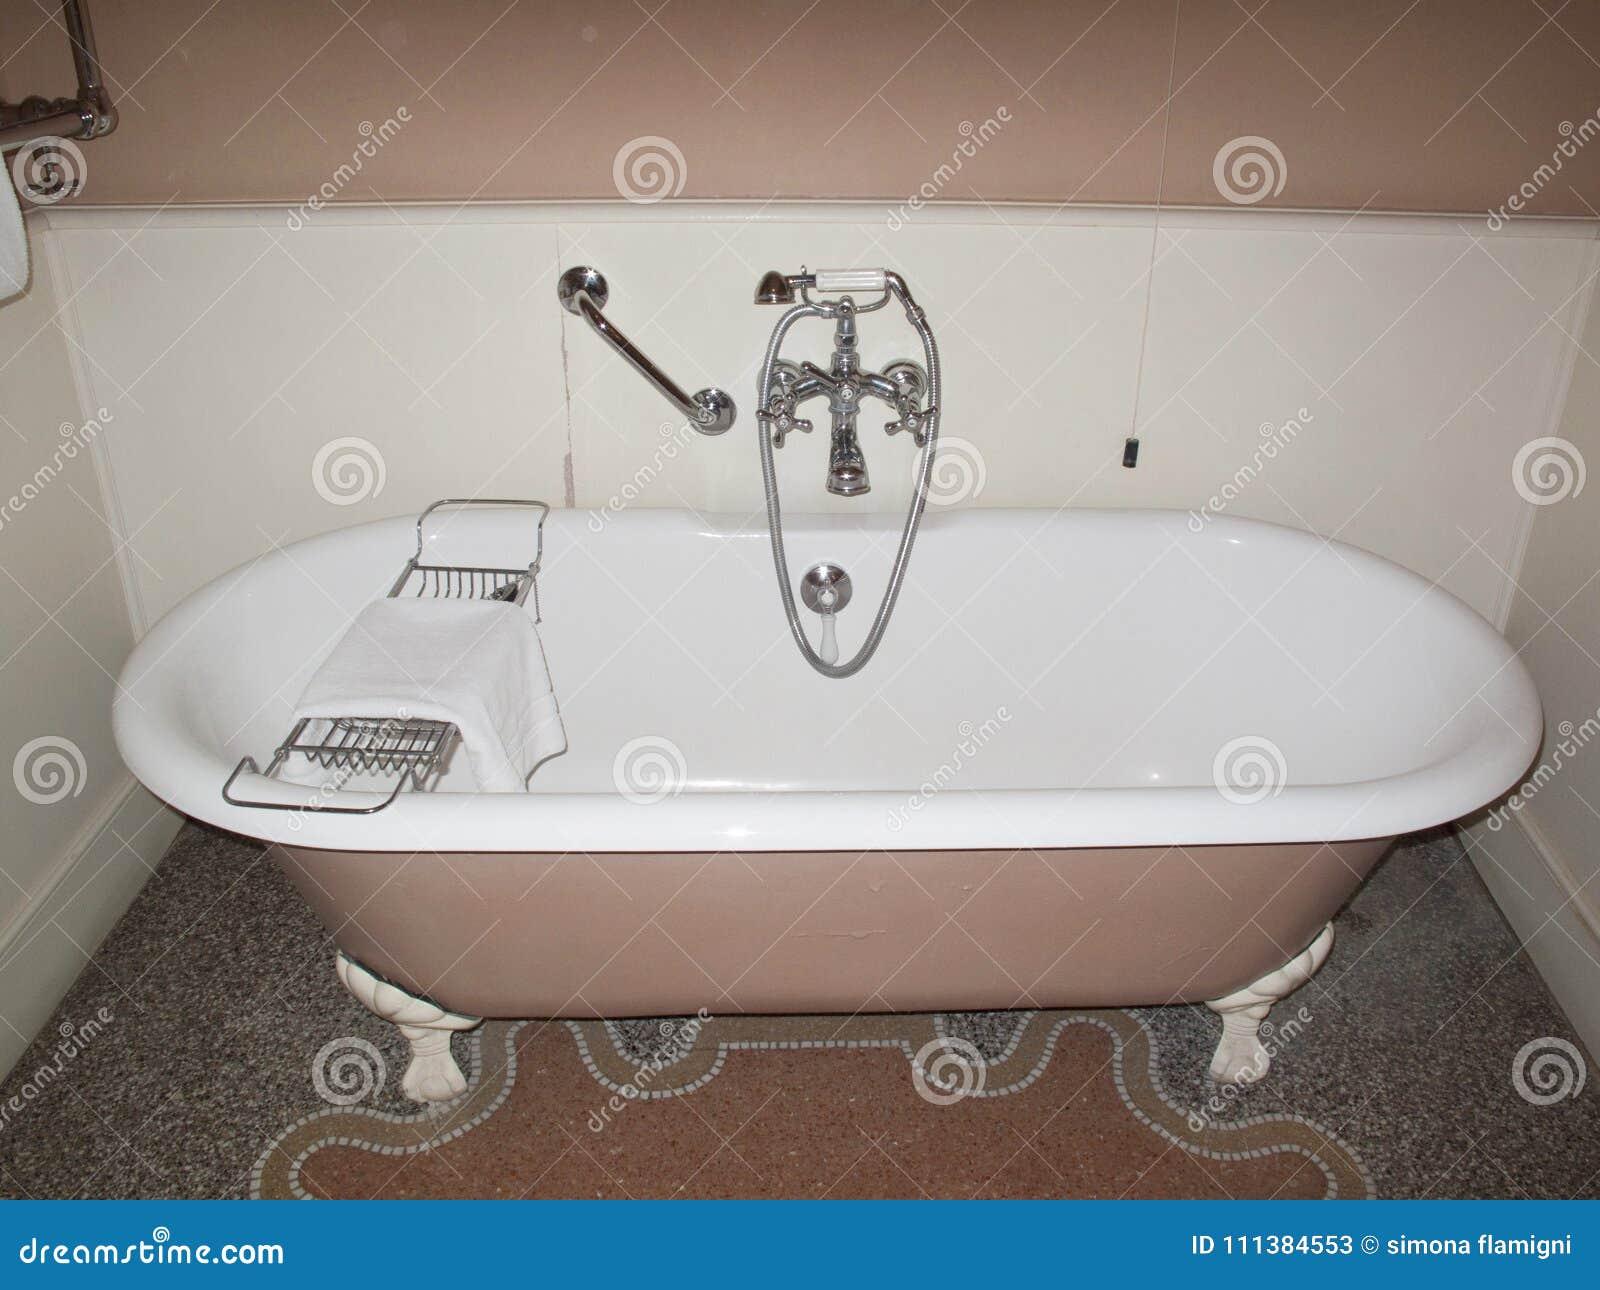 Vasca Da Bagno Rosa : Vasca da bagno rosa immagine stock immagine di italia